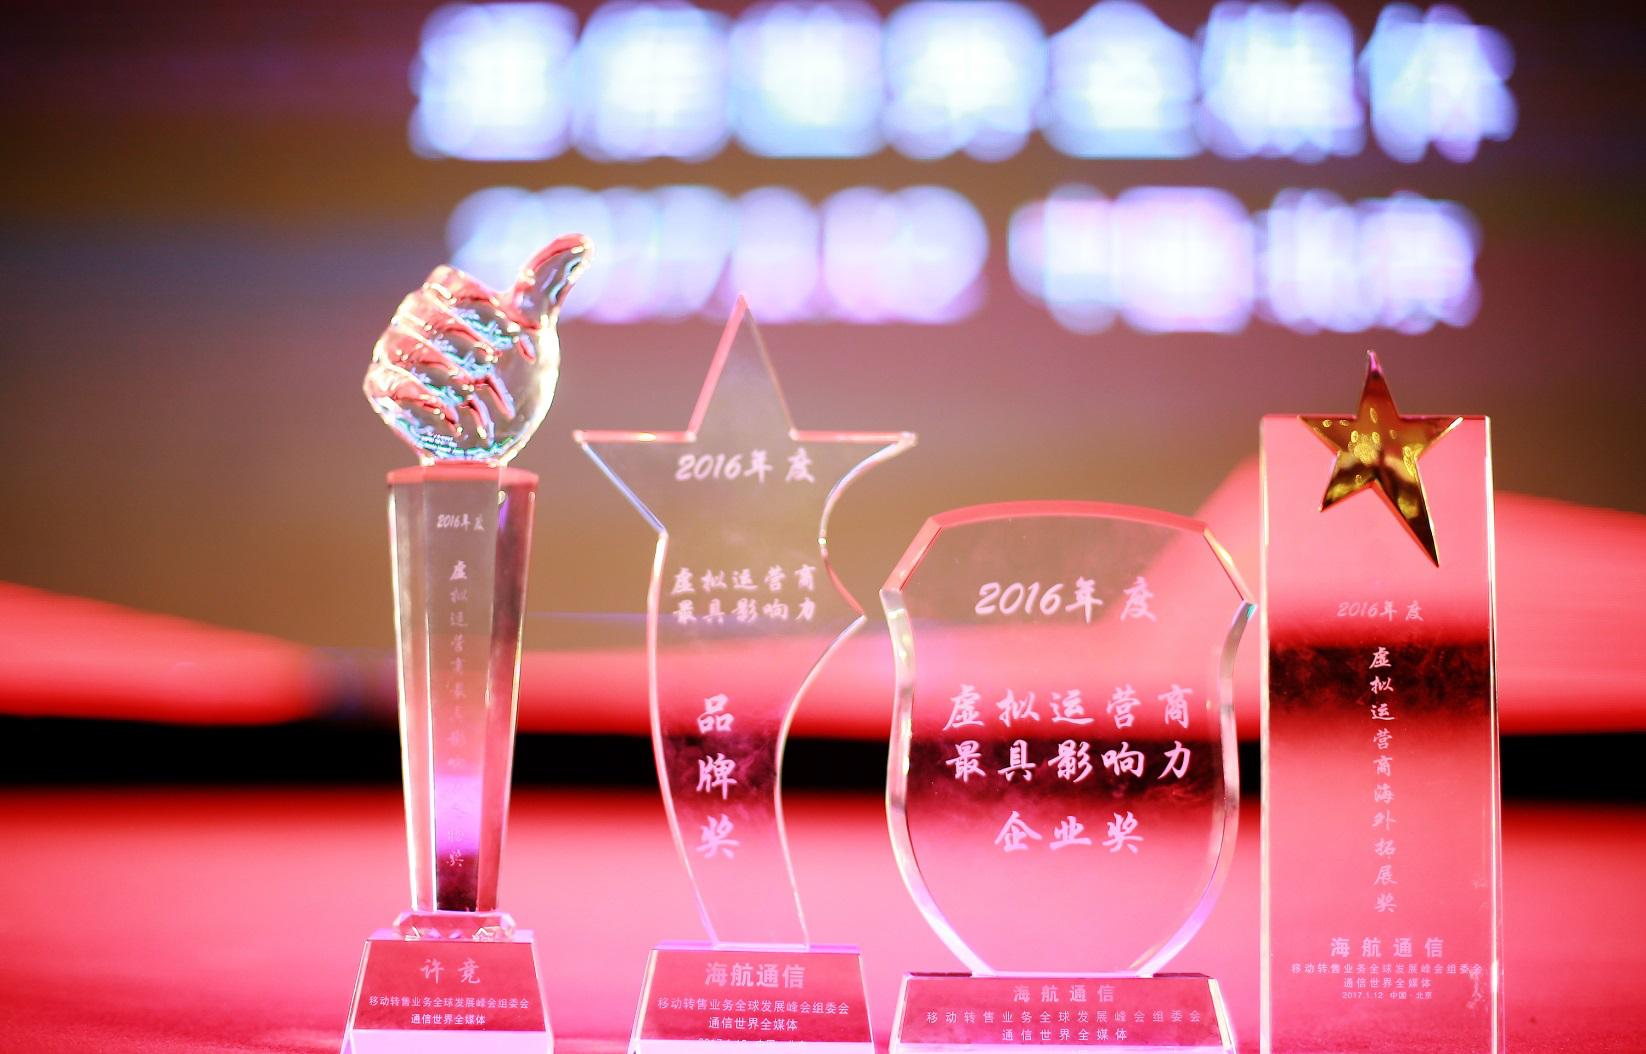 """创新引领未来 海航通信荣获""""最具影响力企业""""等四项大奖"""